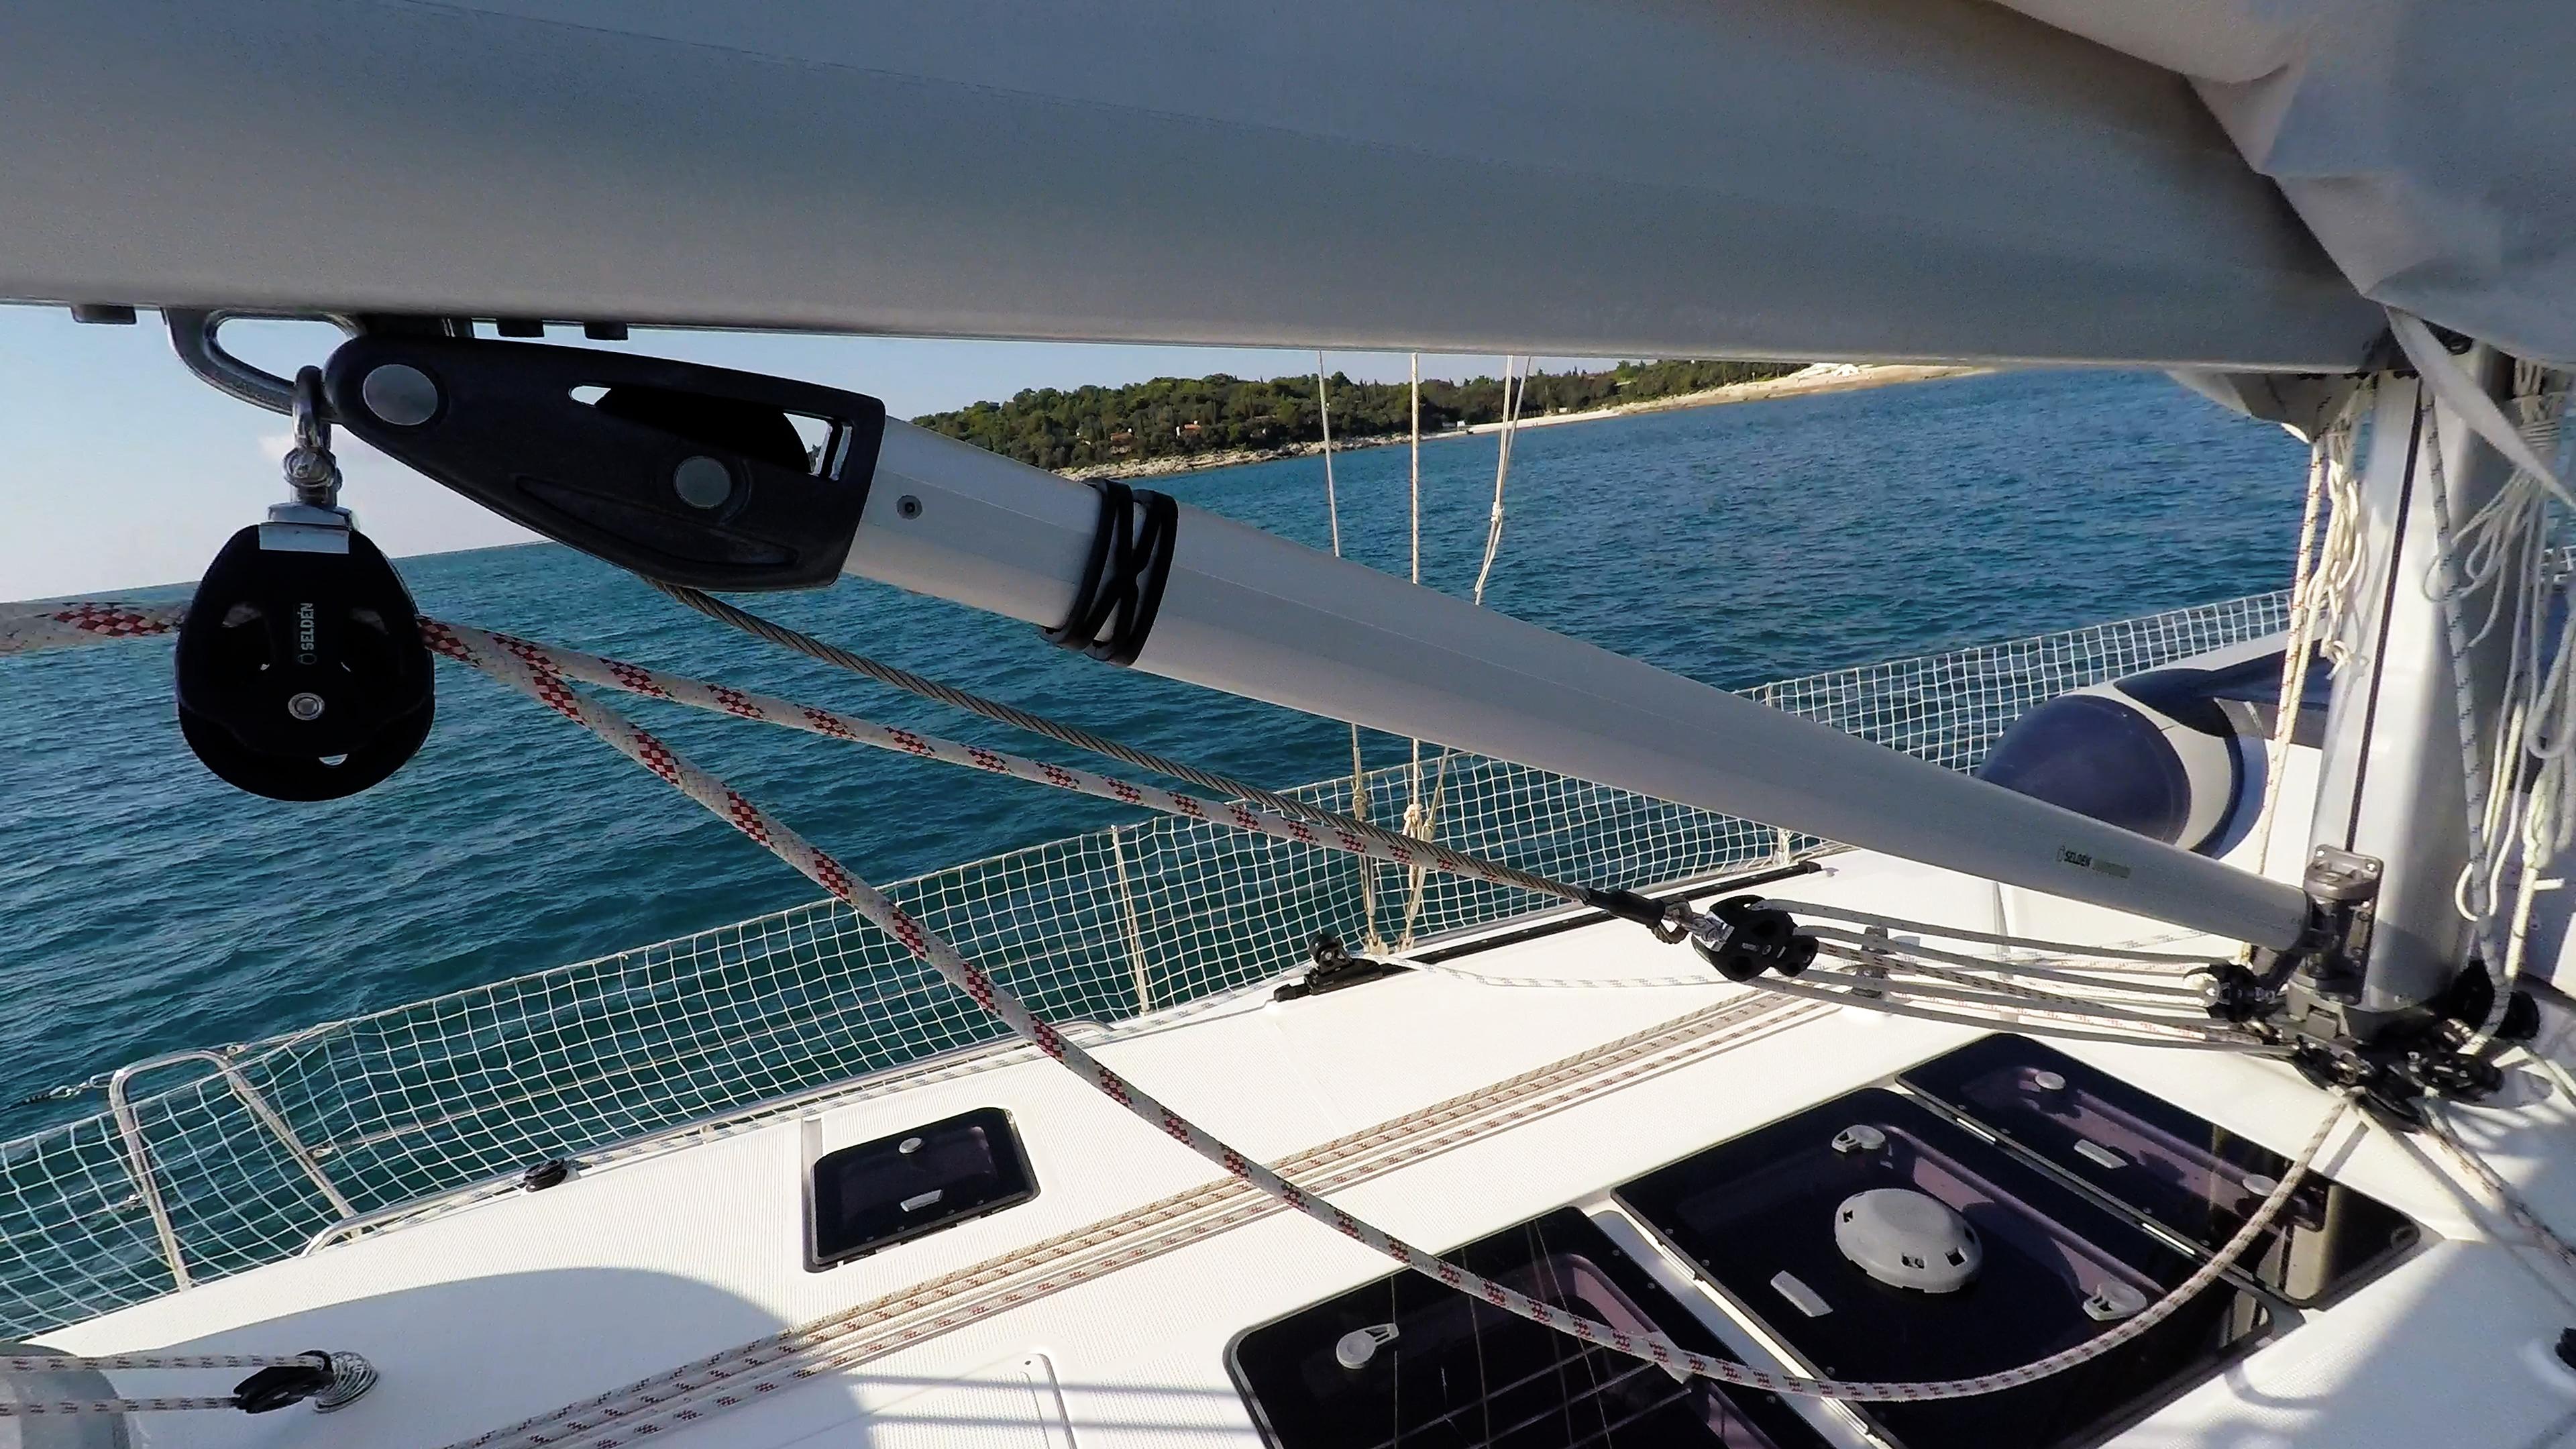 barcha a vela barca a vela bavaria 46 vang yacht a vela boma